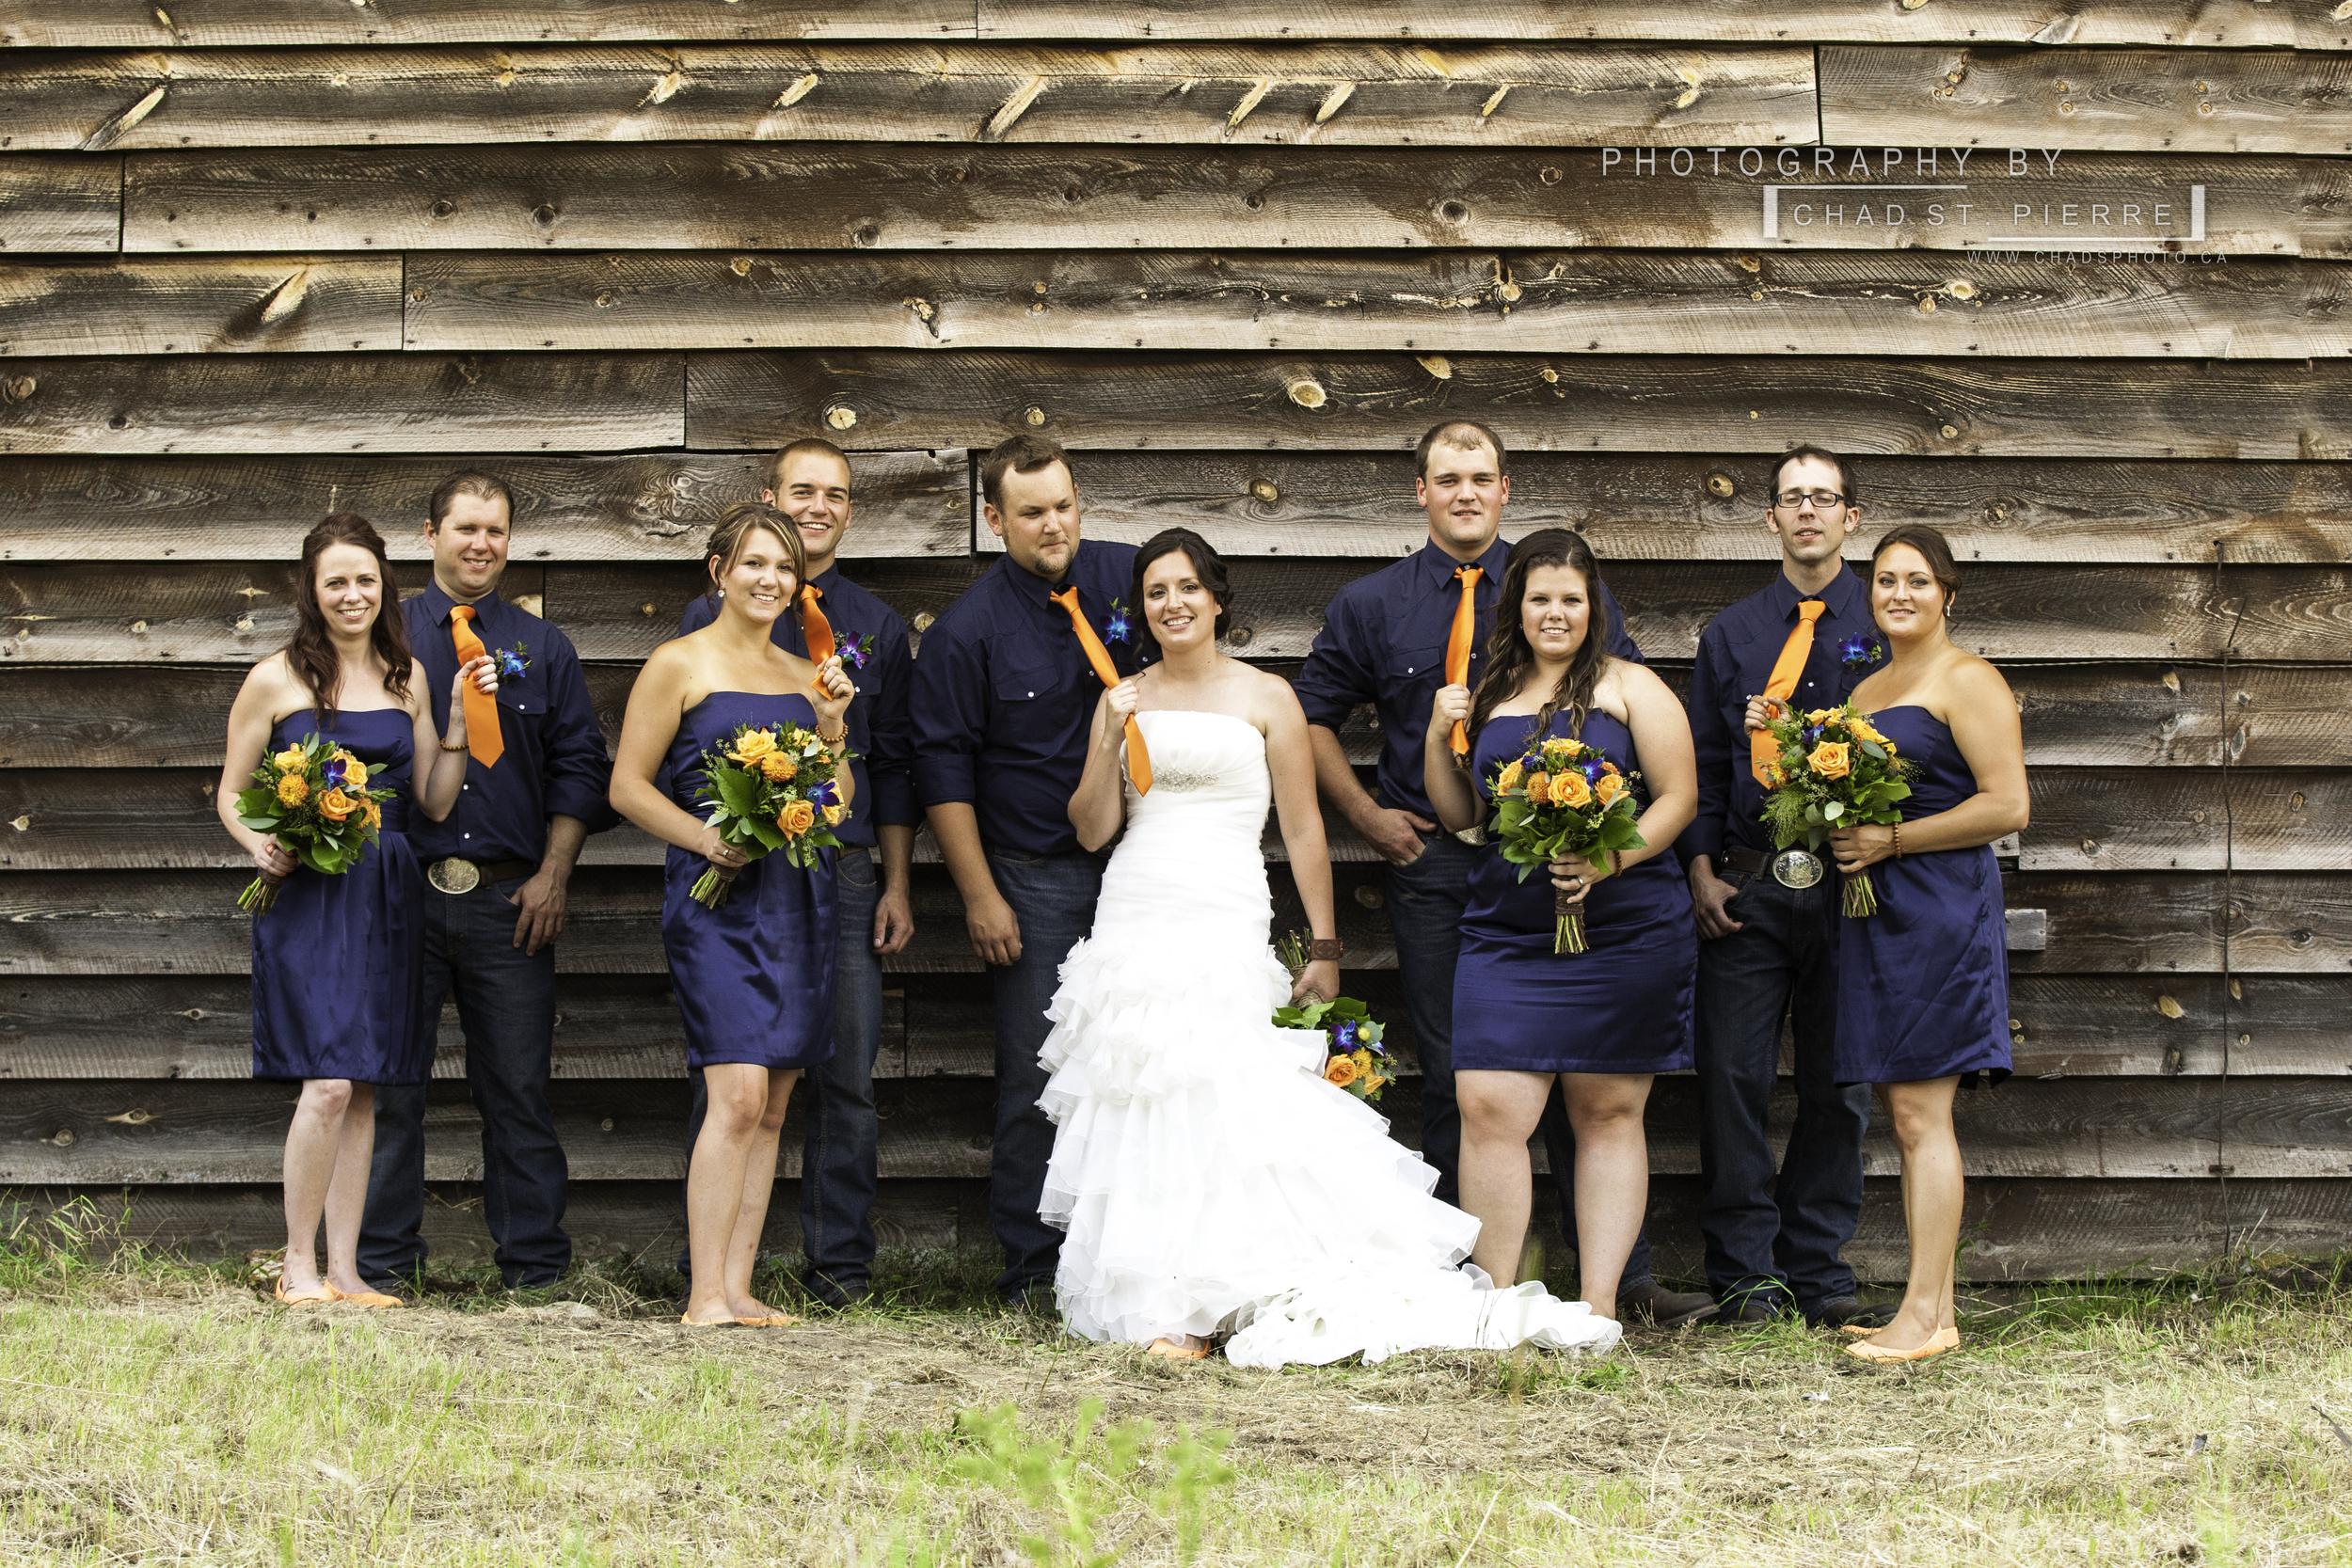 Brett and Amanda Larsen - Wedding 2013